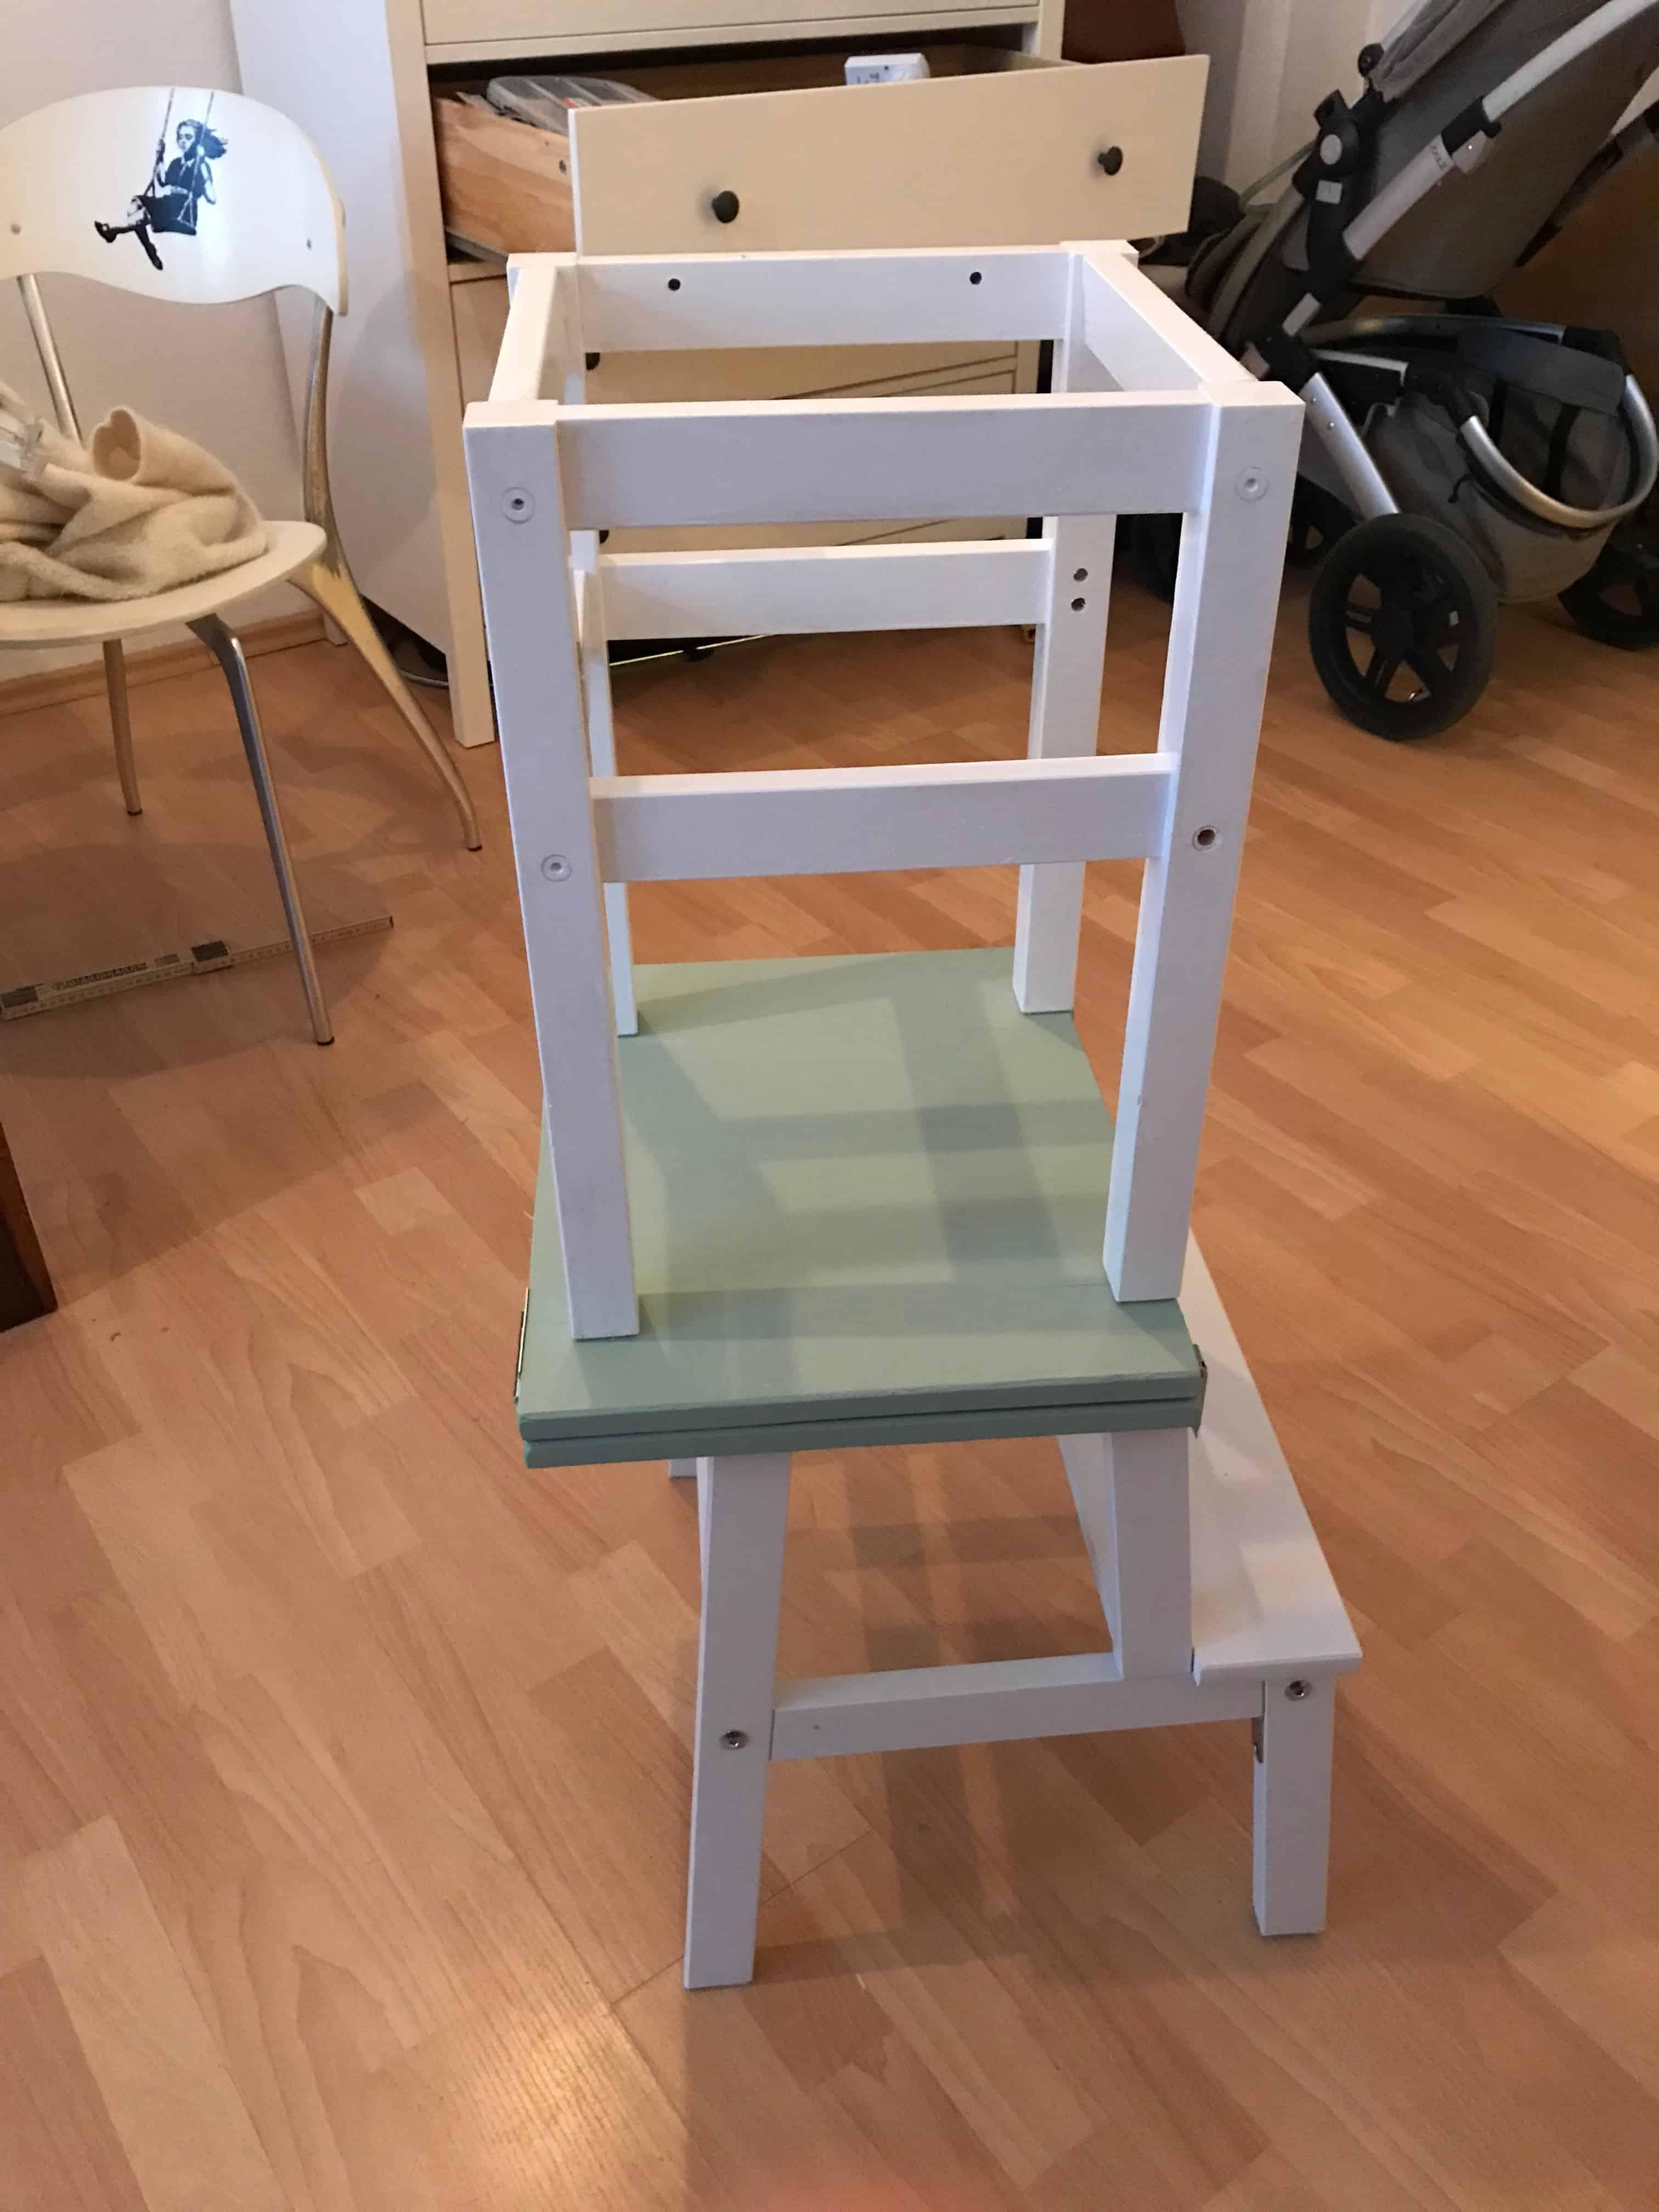 Lernturm Und Kindertisch In Einem Ein Ikea Hack Planningmathilda